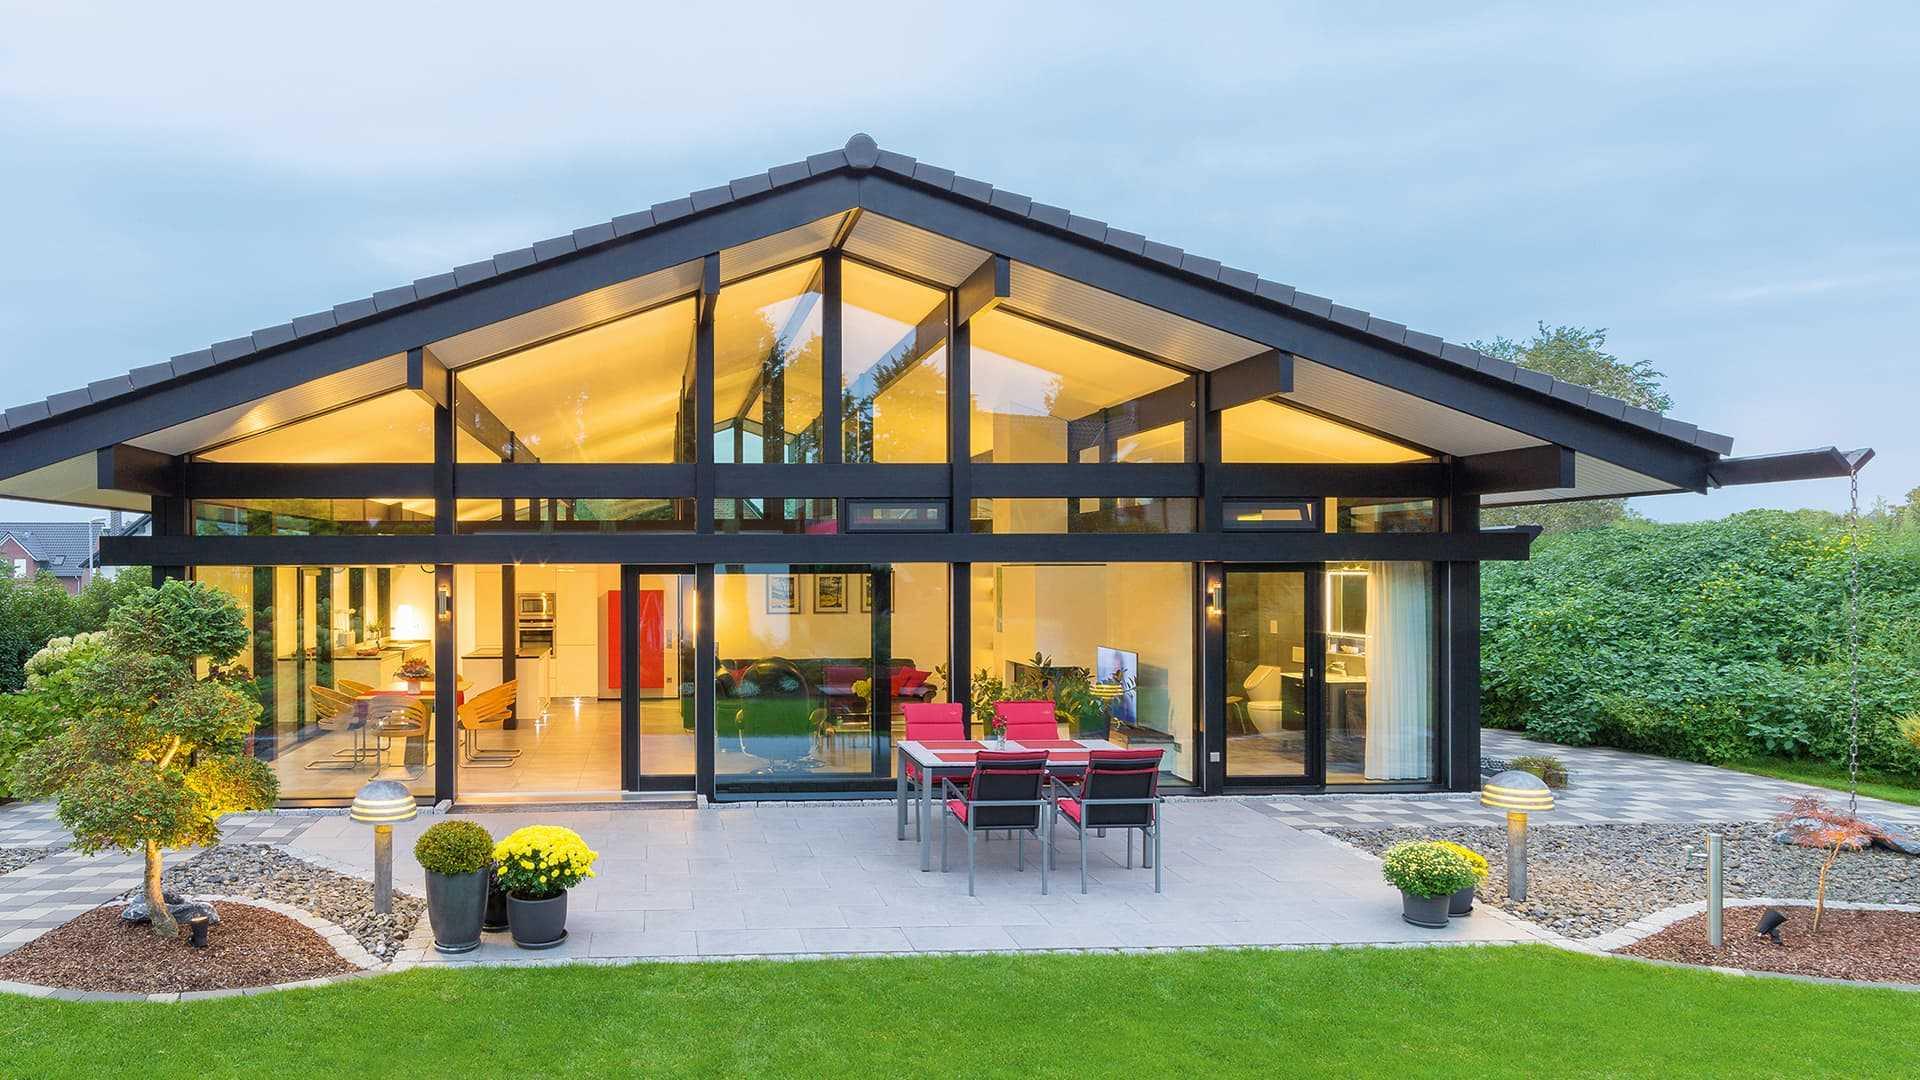 Moderndes Fachwerkhaus - Hausbeispiele auf Musterhaus.net anschauen